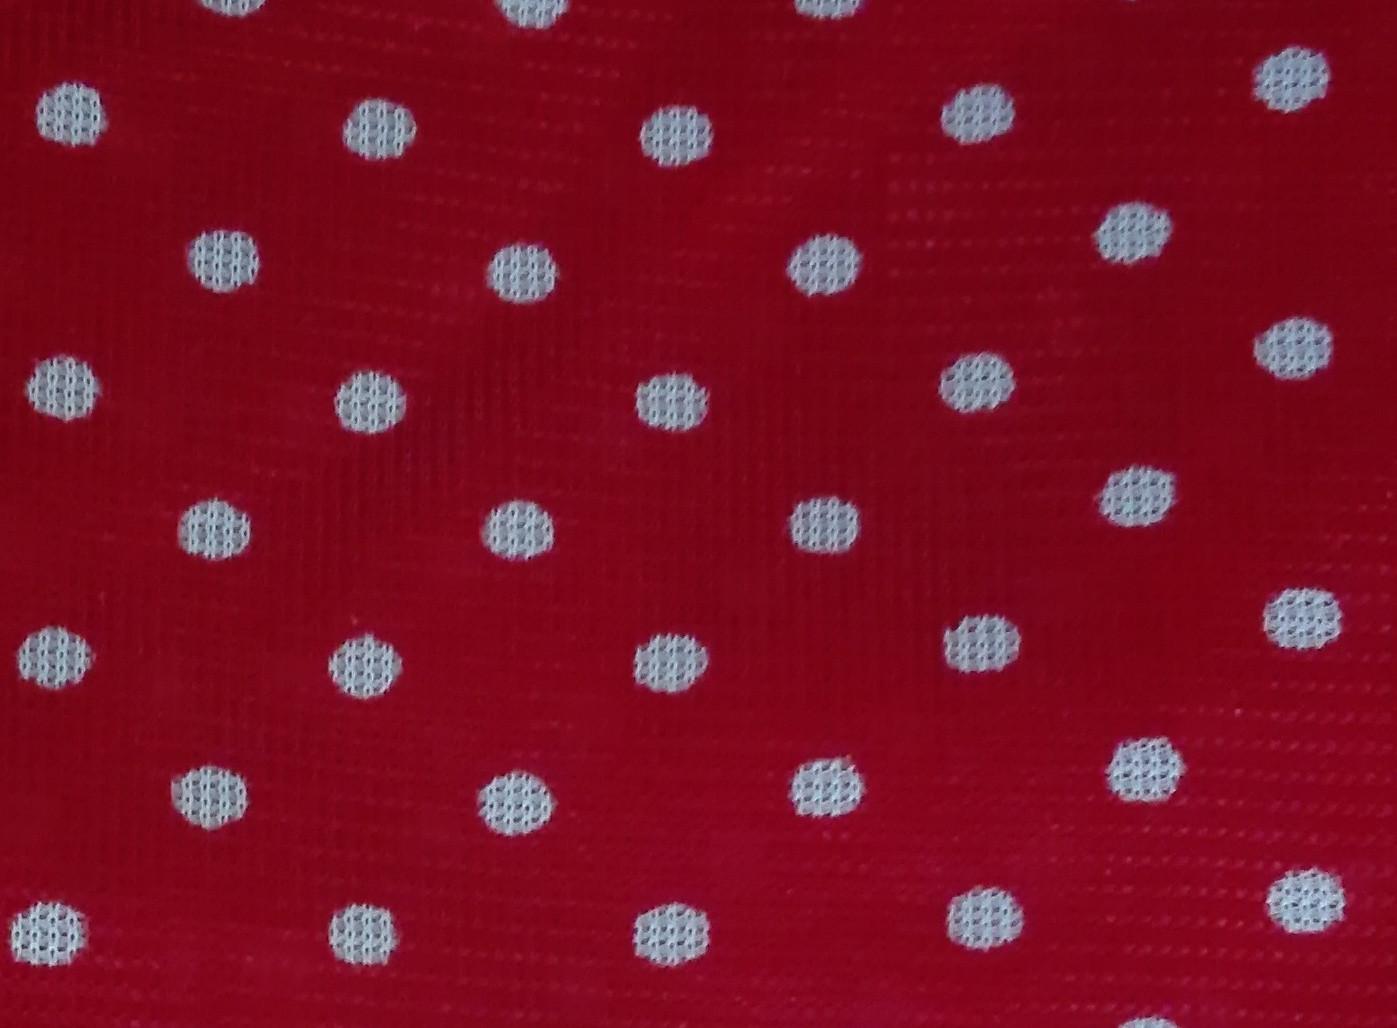 białe groszki na czerwonym